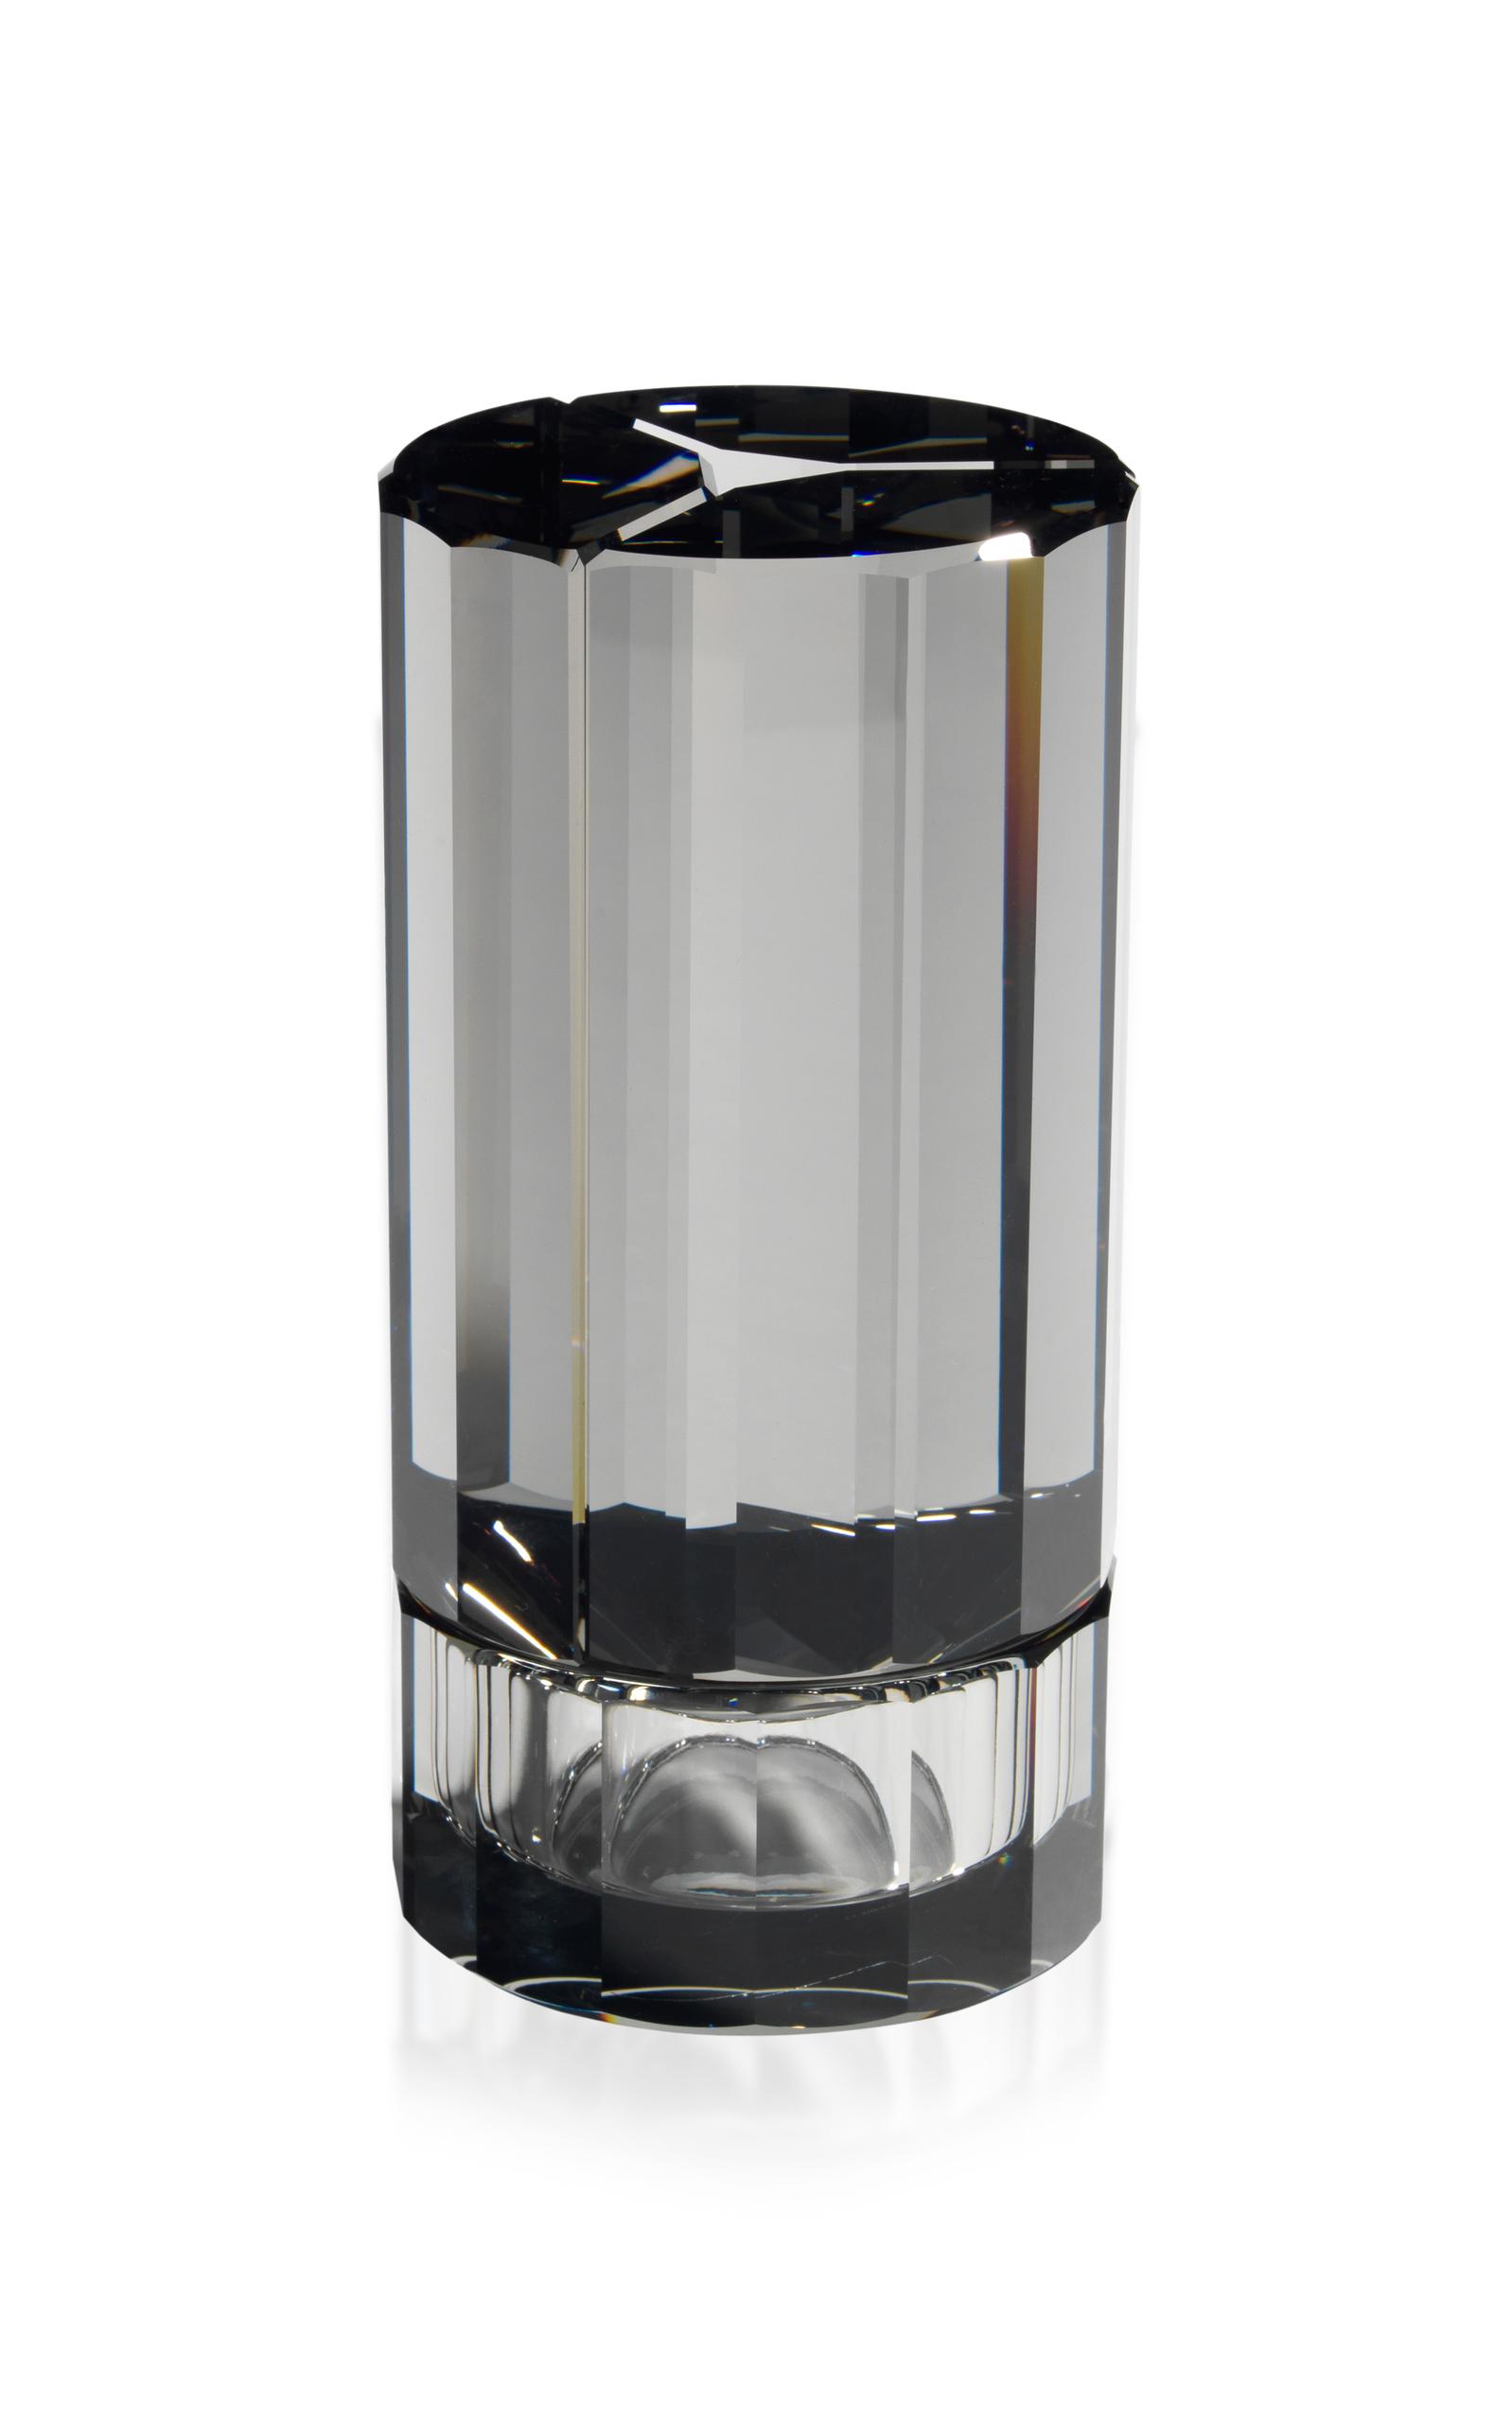 Atelier Swarovski – Aldo Bakker Small Vase – Color: White/blue – Material: Crystal – Moda Operandi